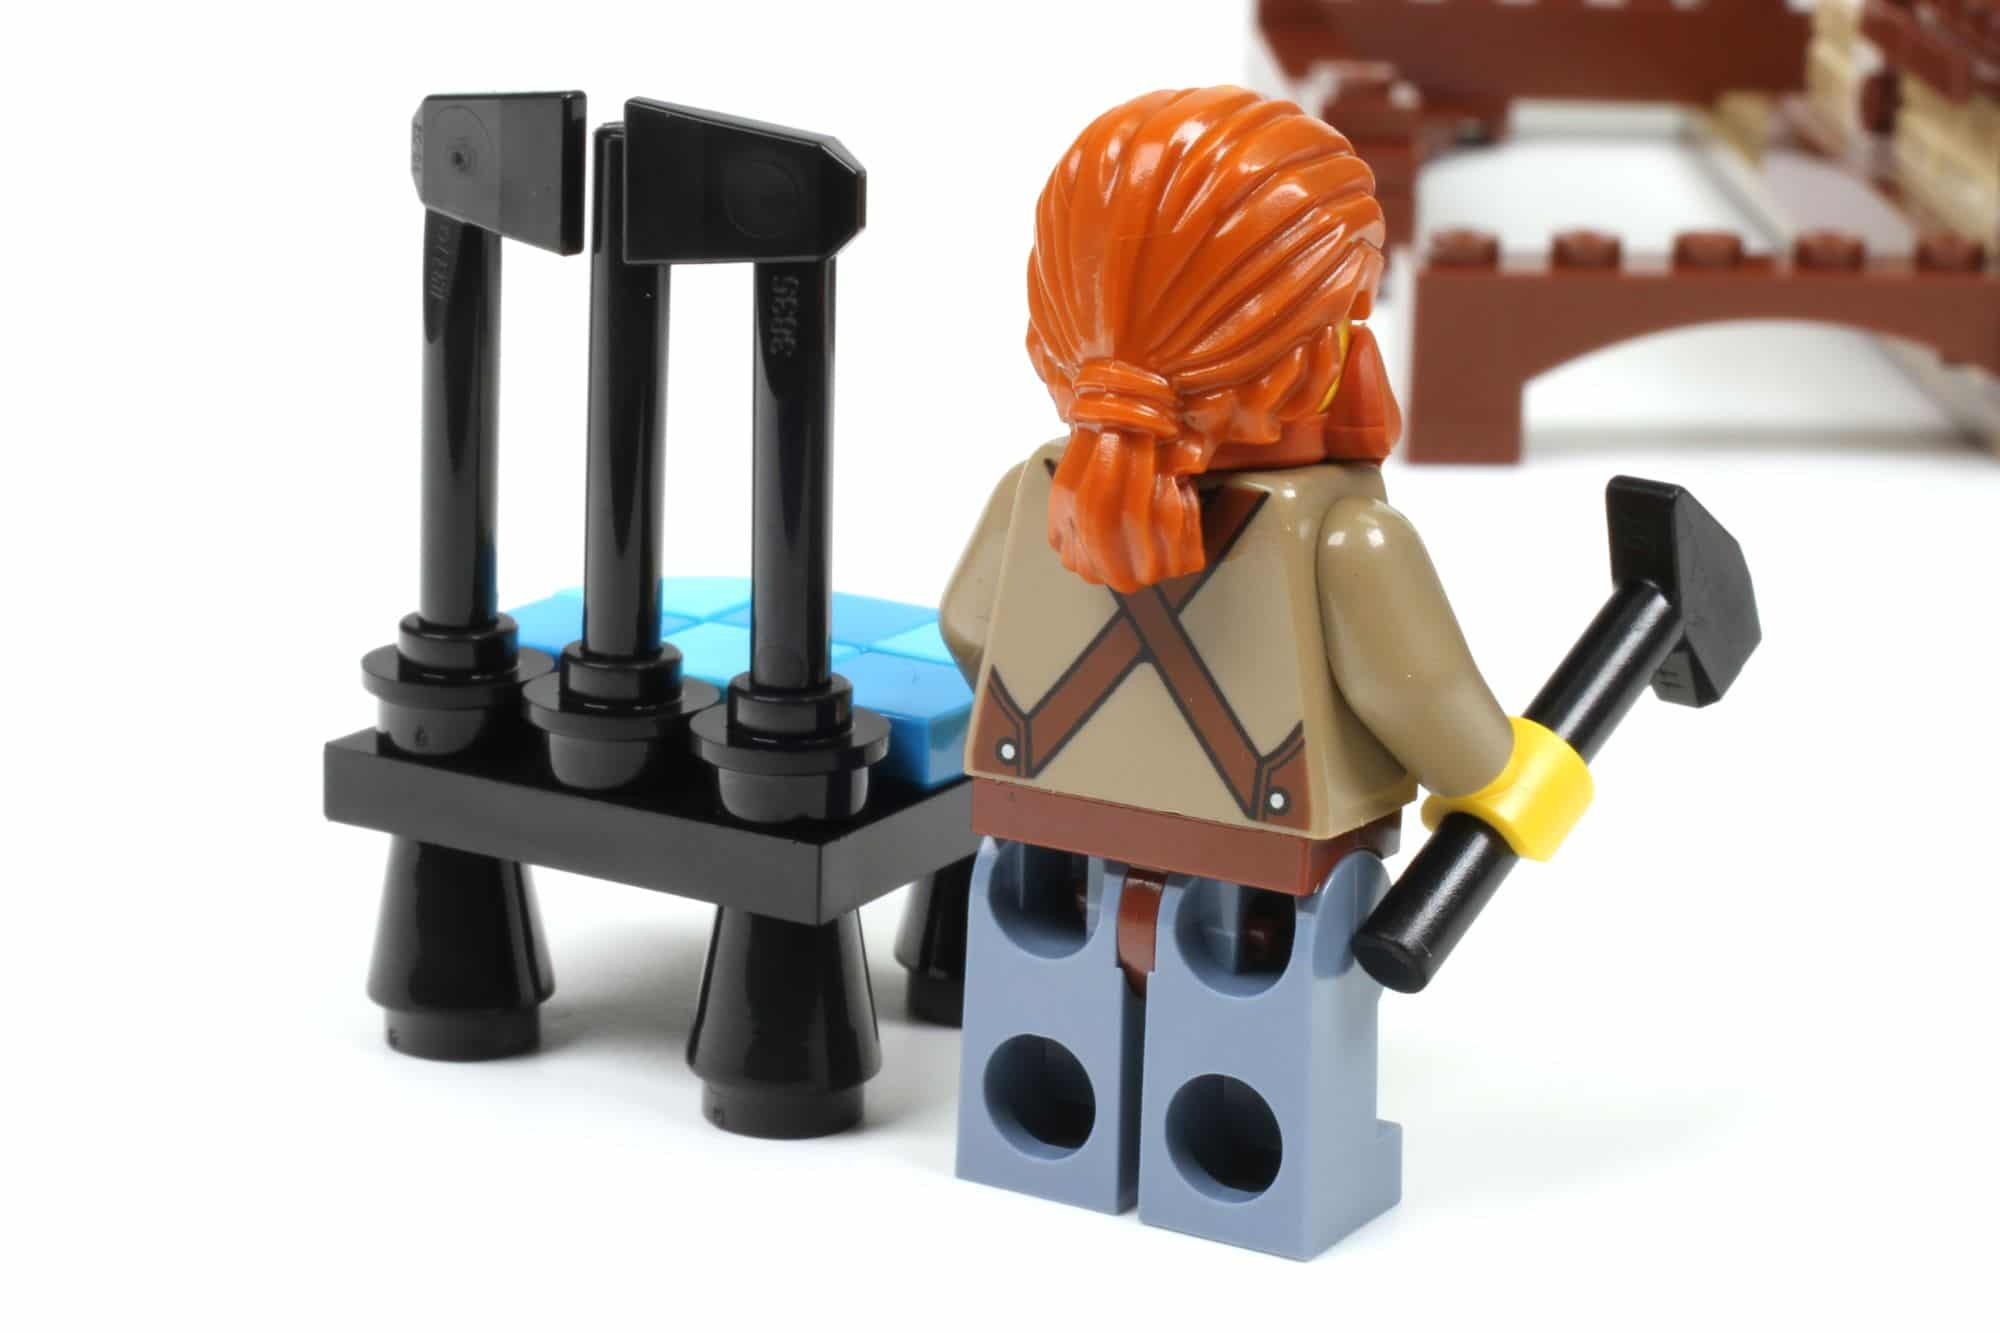 LEGO Ideas 21325 Mittelalterliche Schmiede Bauabschnitt 7 7